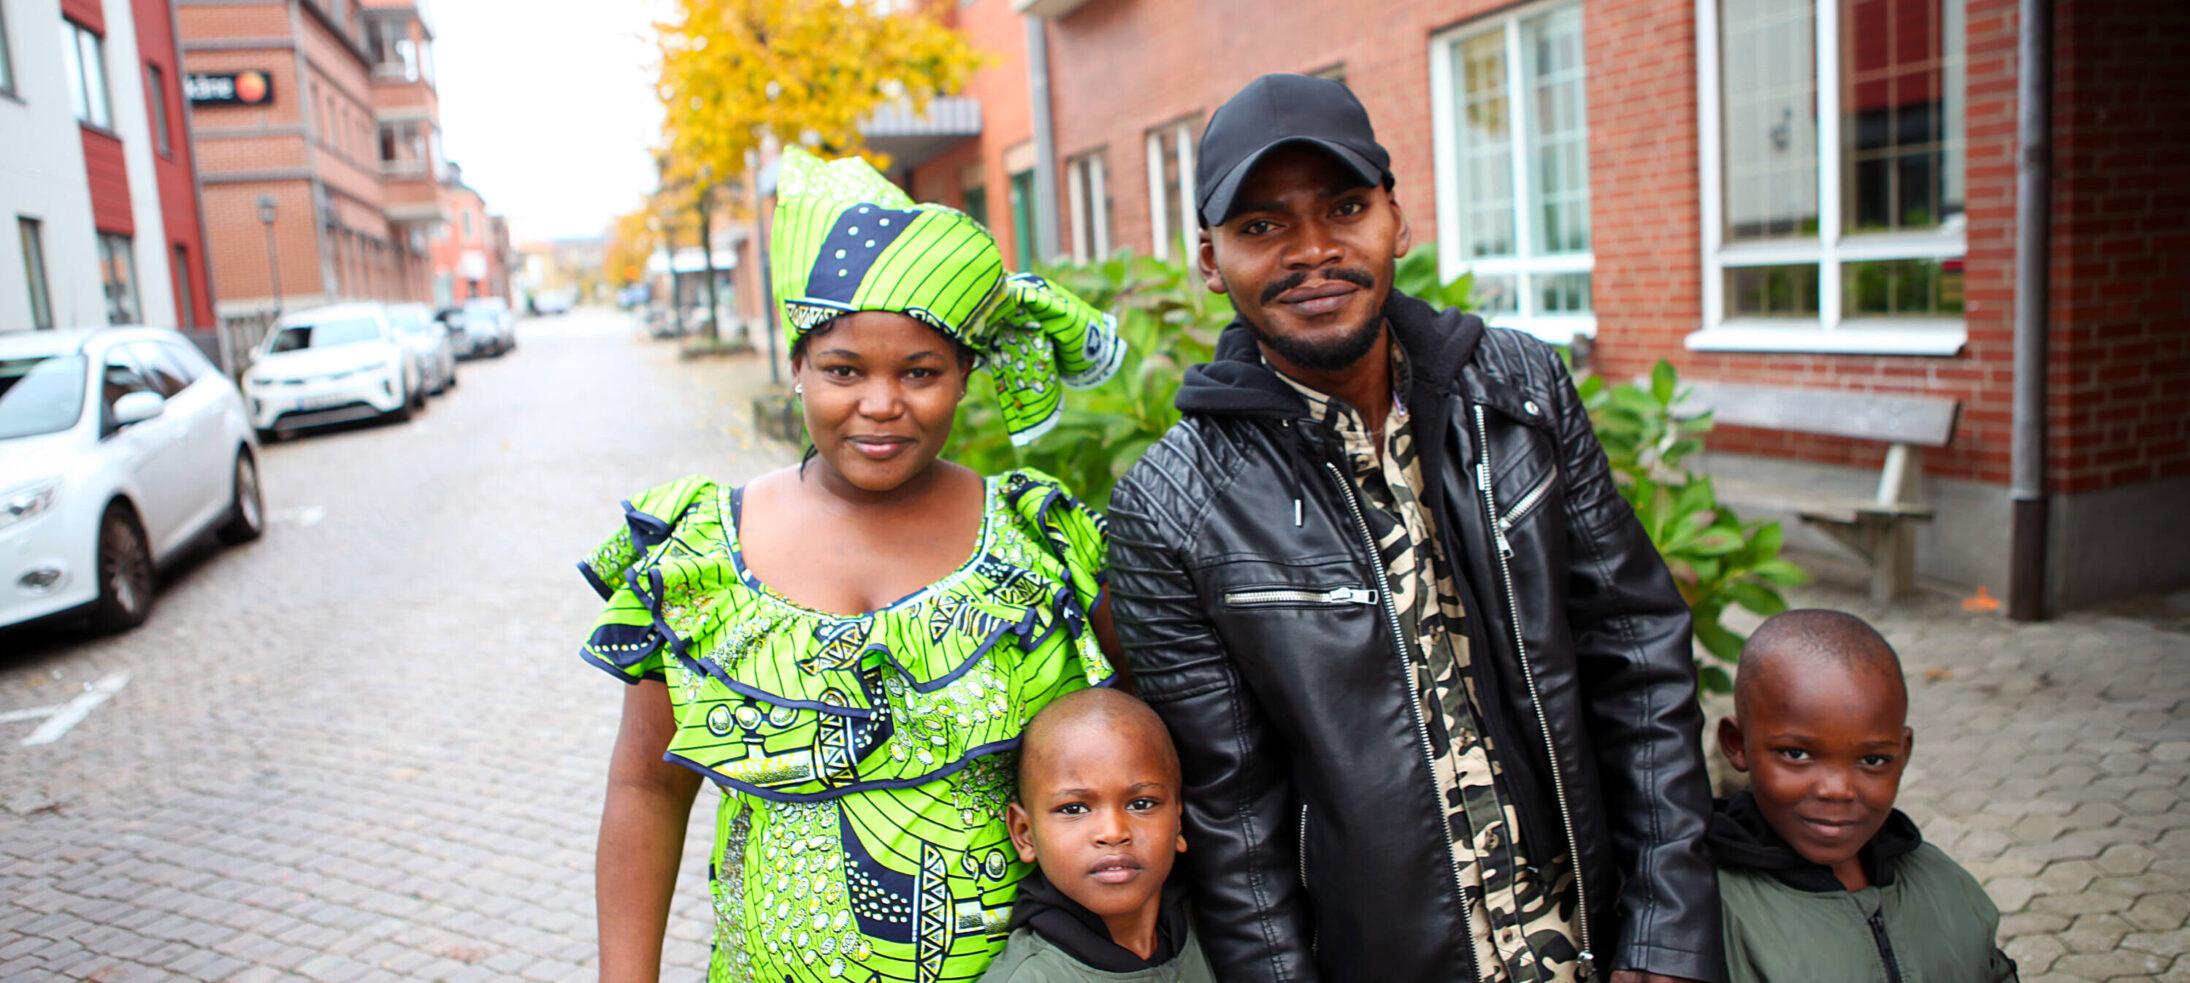 Mamma, pappa och två barn poserar utomhus för kameran. Mamman har färgglada kläder från sitt hemland i Afrika.